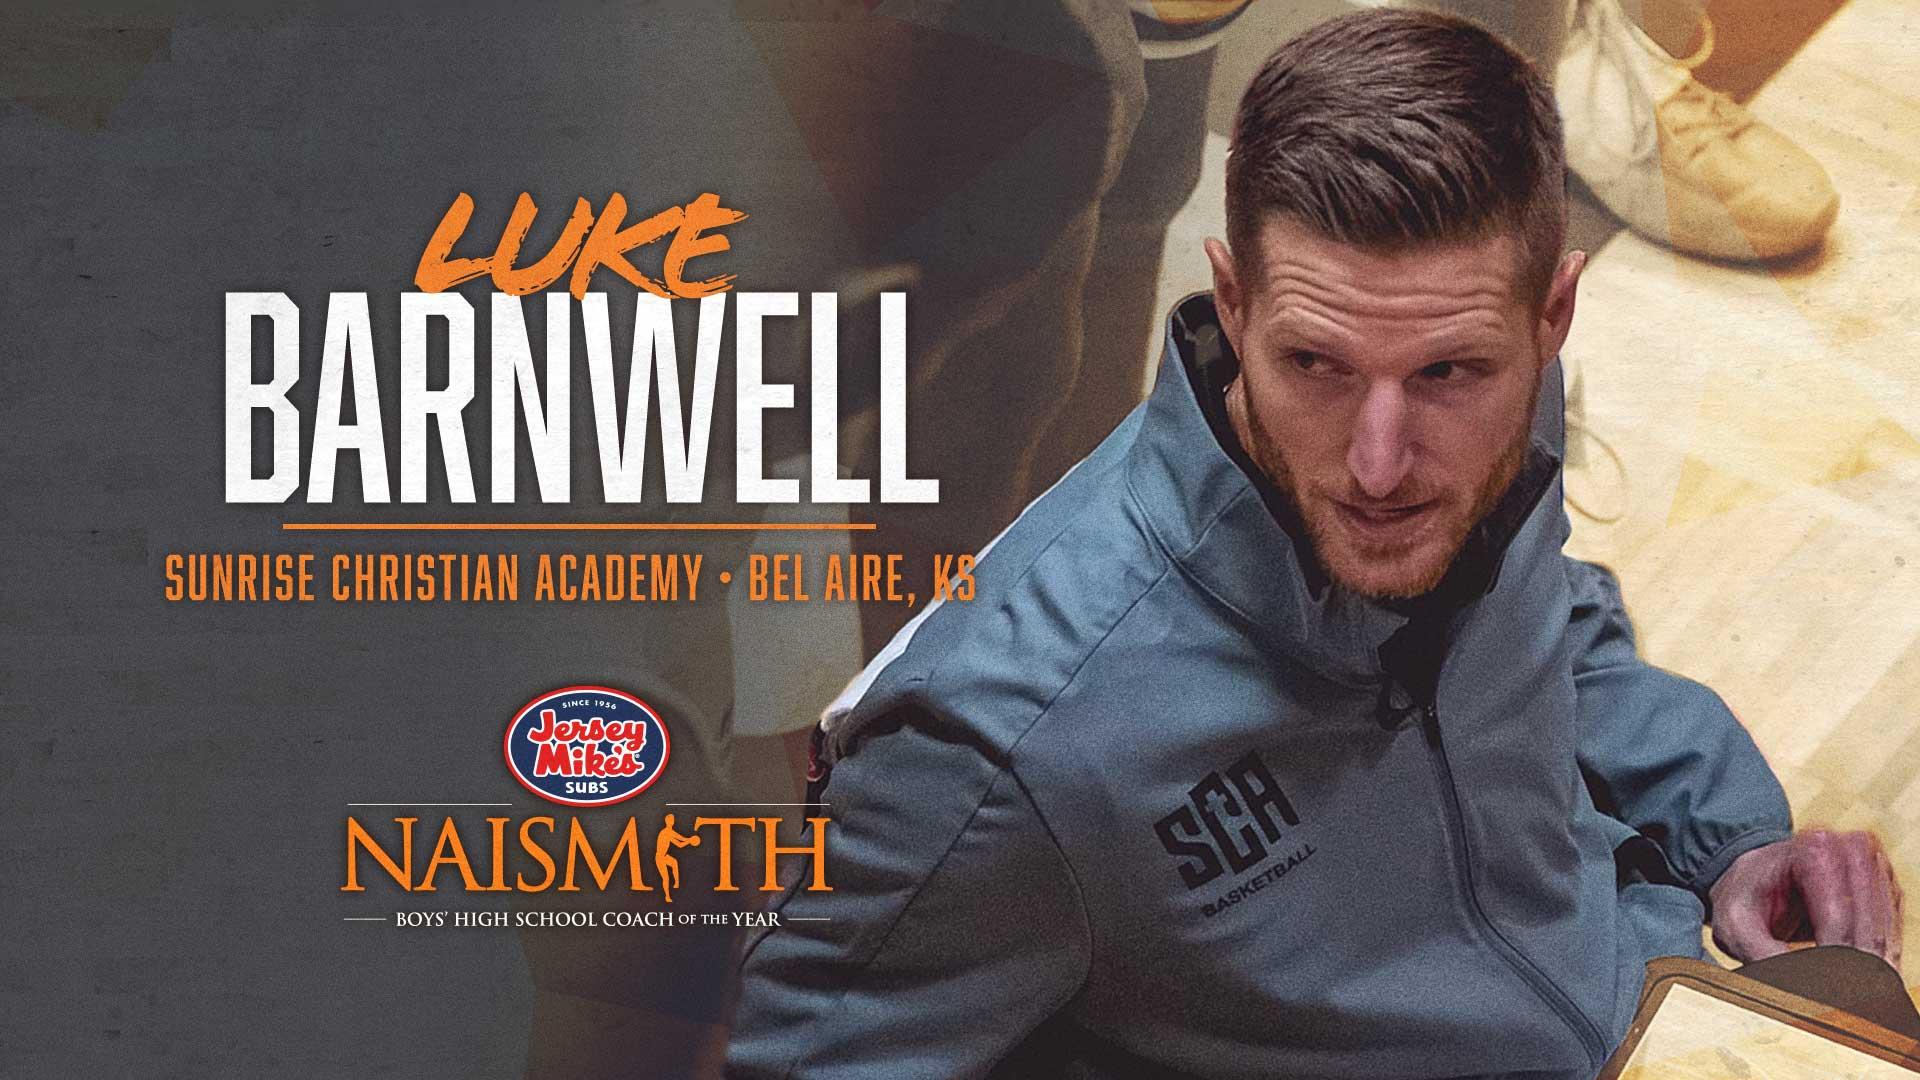 Coach Luke Barnwell